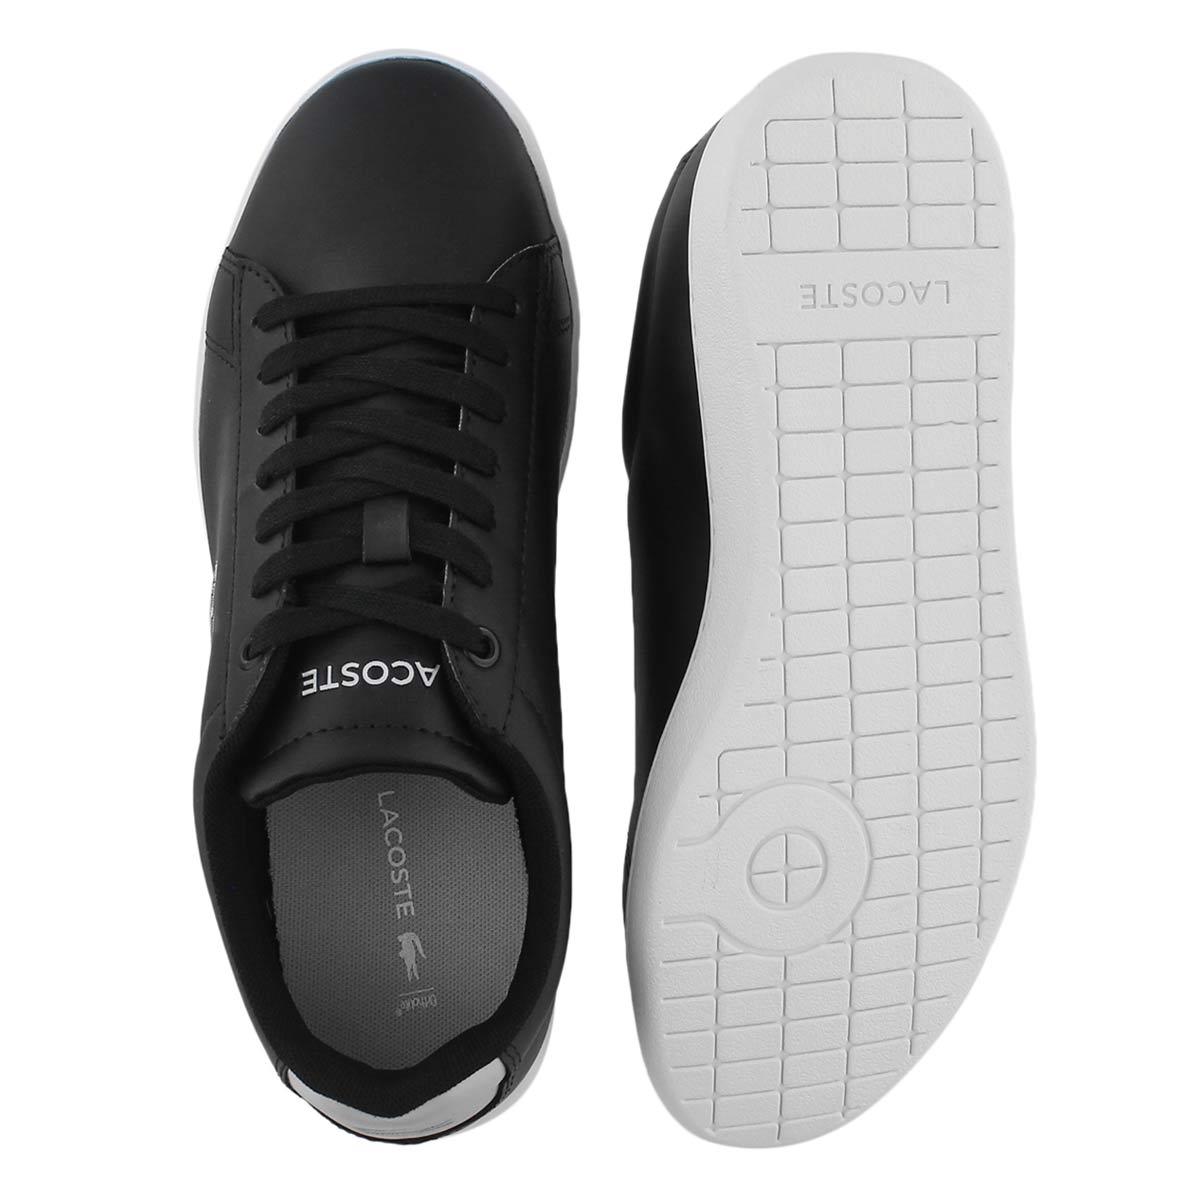 Lds Hydez 318 2 P blk/wht fashion sneakr